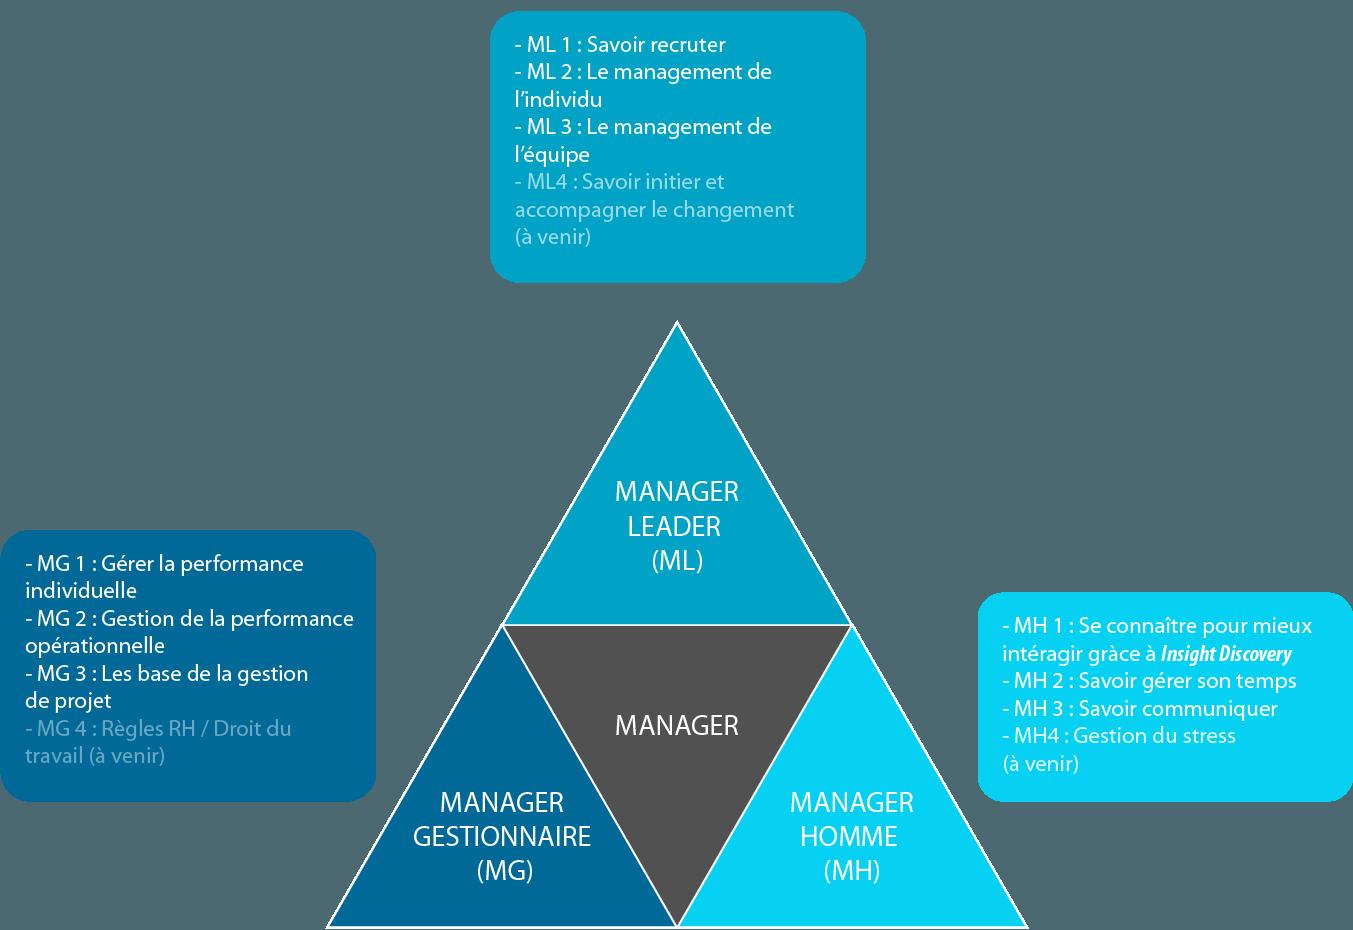 Formation en lien avec l'efficacité relationnelle et le management